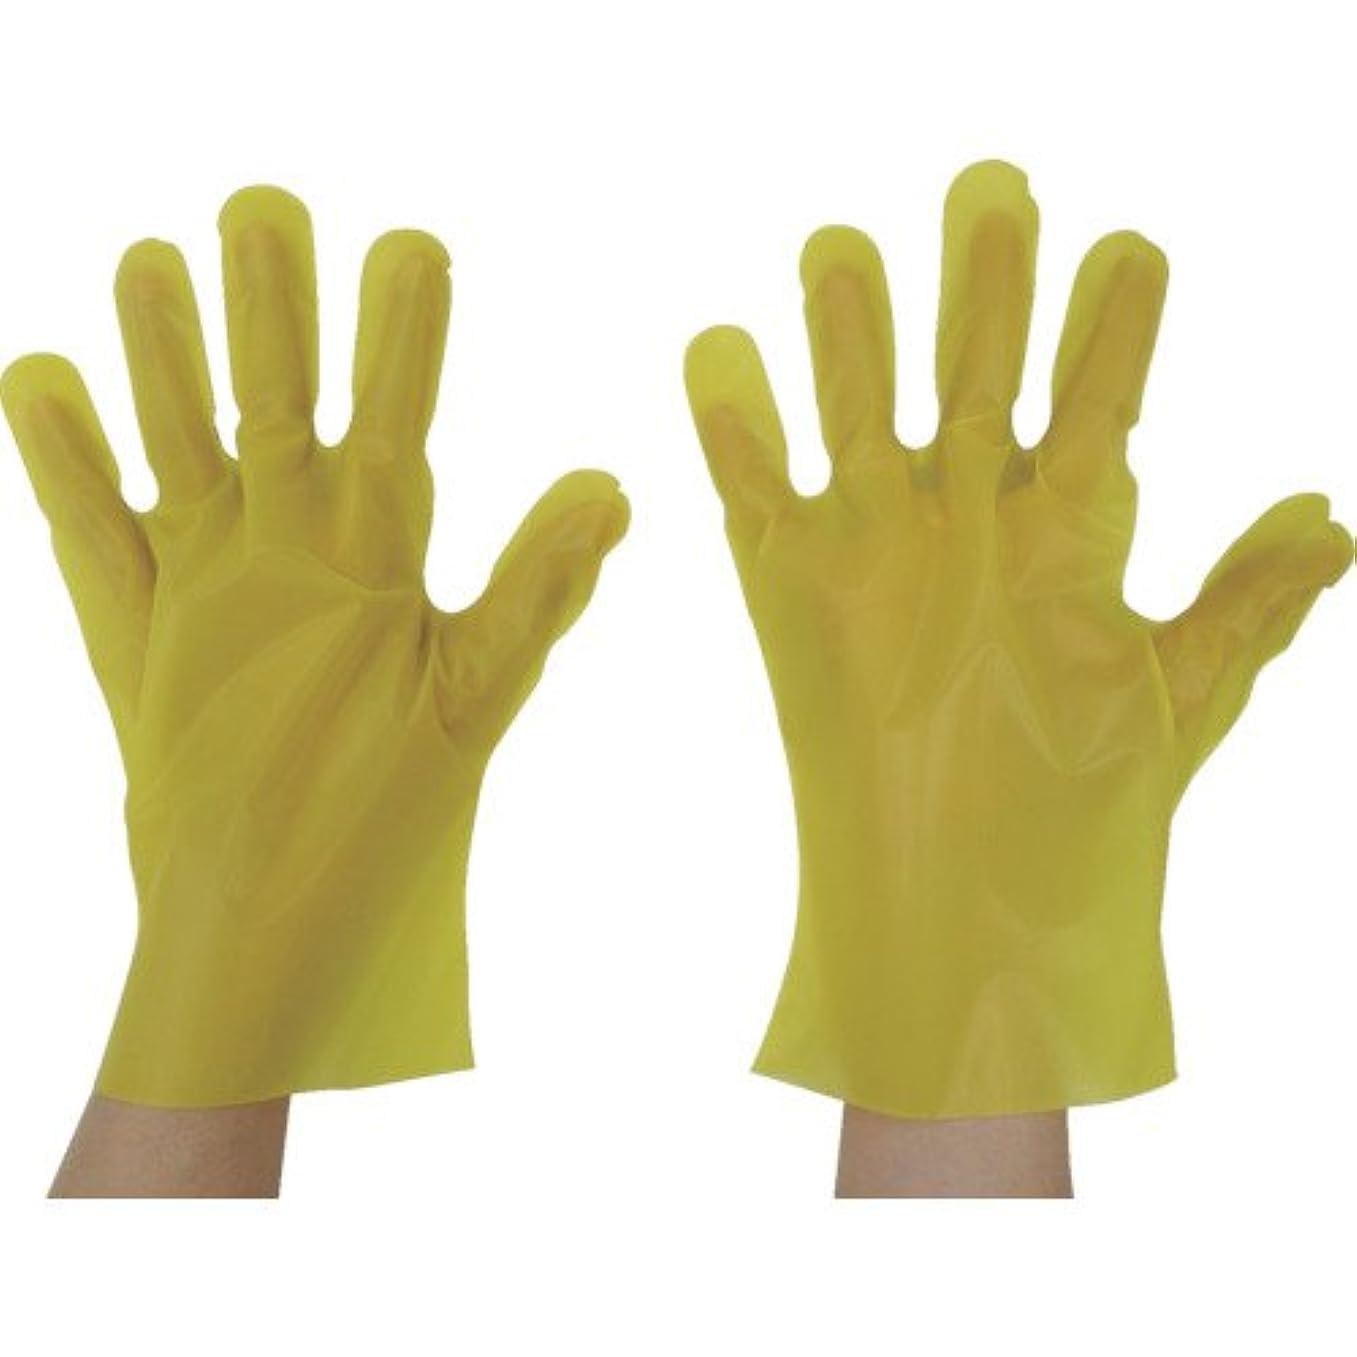 チャレンジ流暢通知する東京パック エンボス手袋五本絞りエコノミー化粧箱L イエロー YEK-L